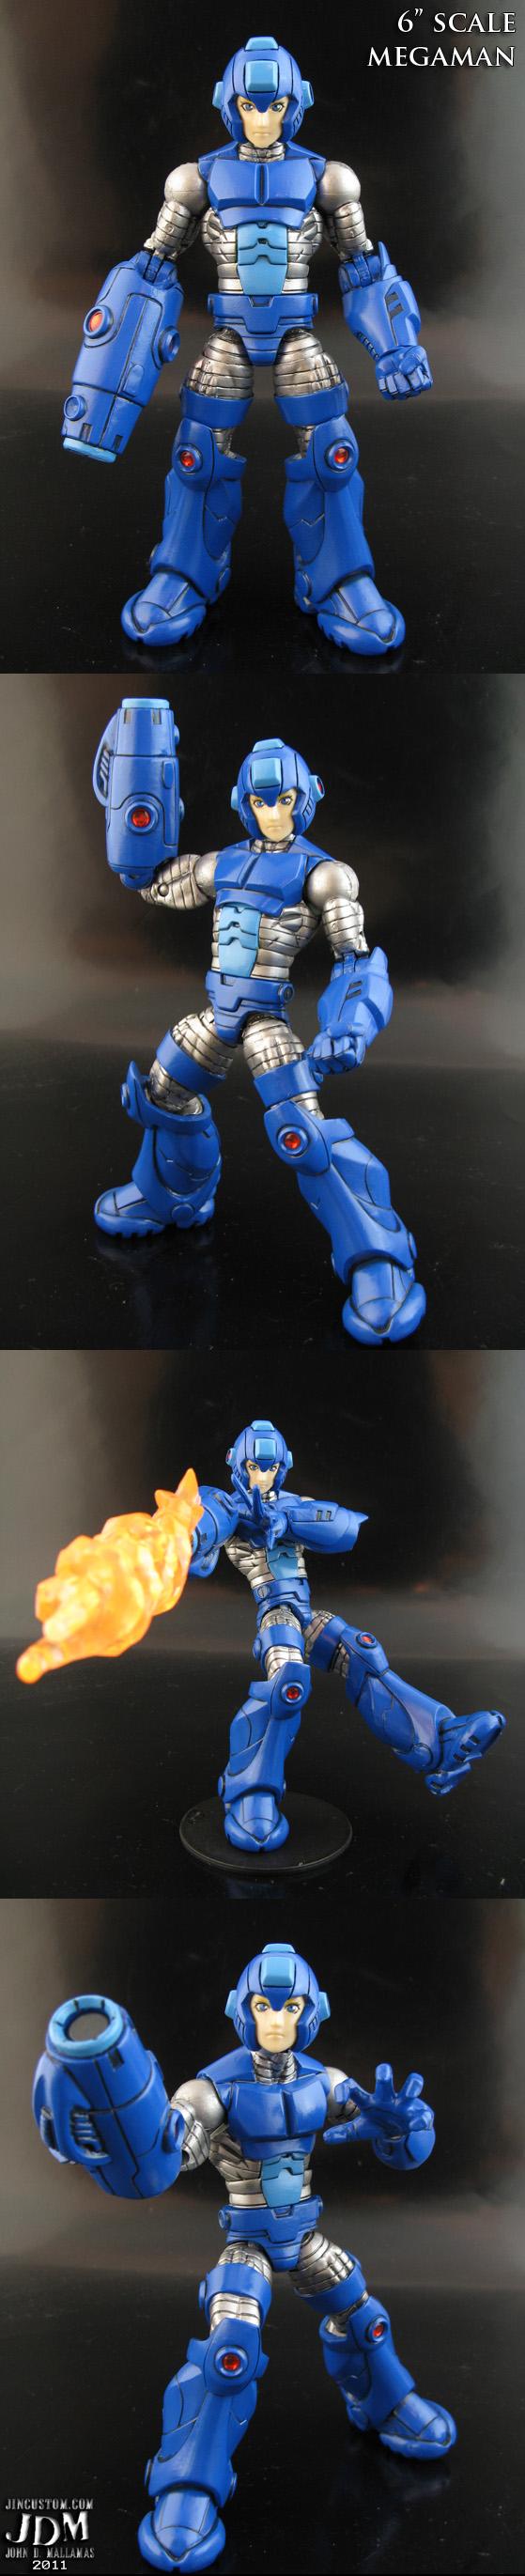 Megaman Marvel Legends